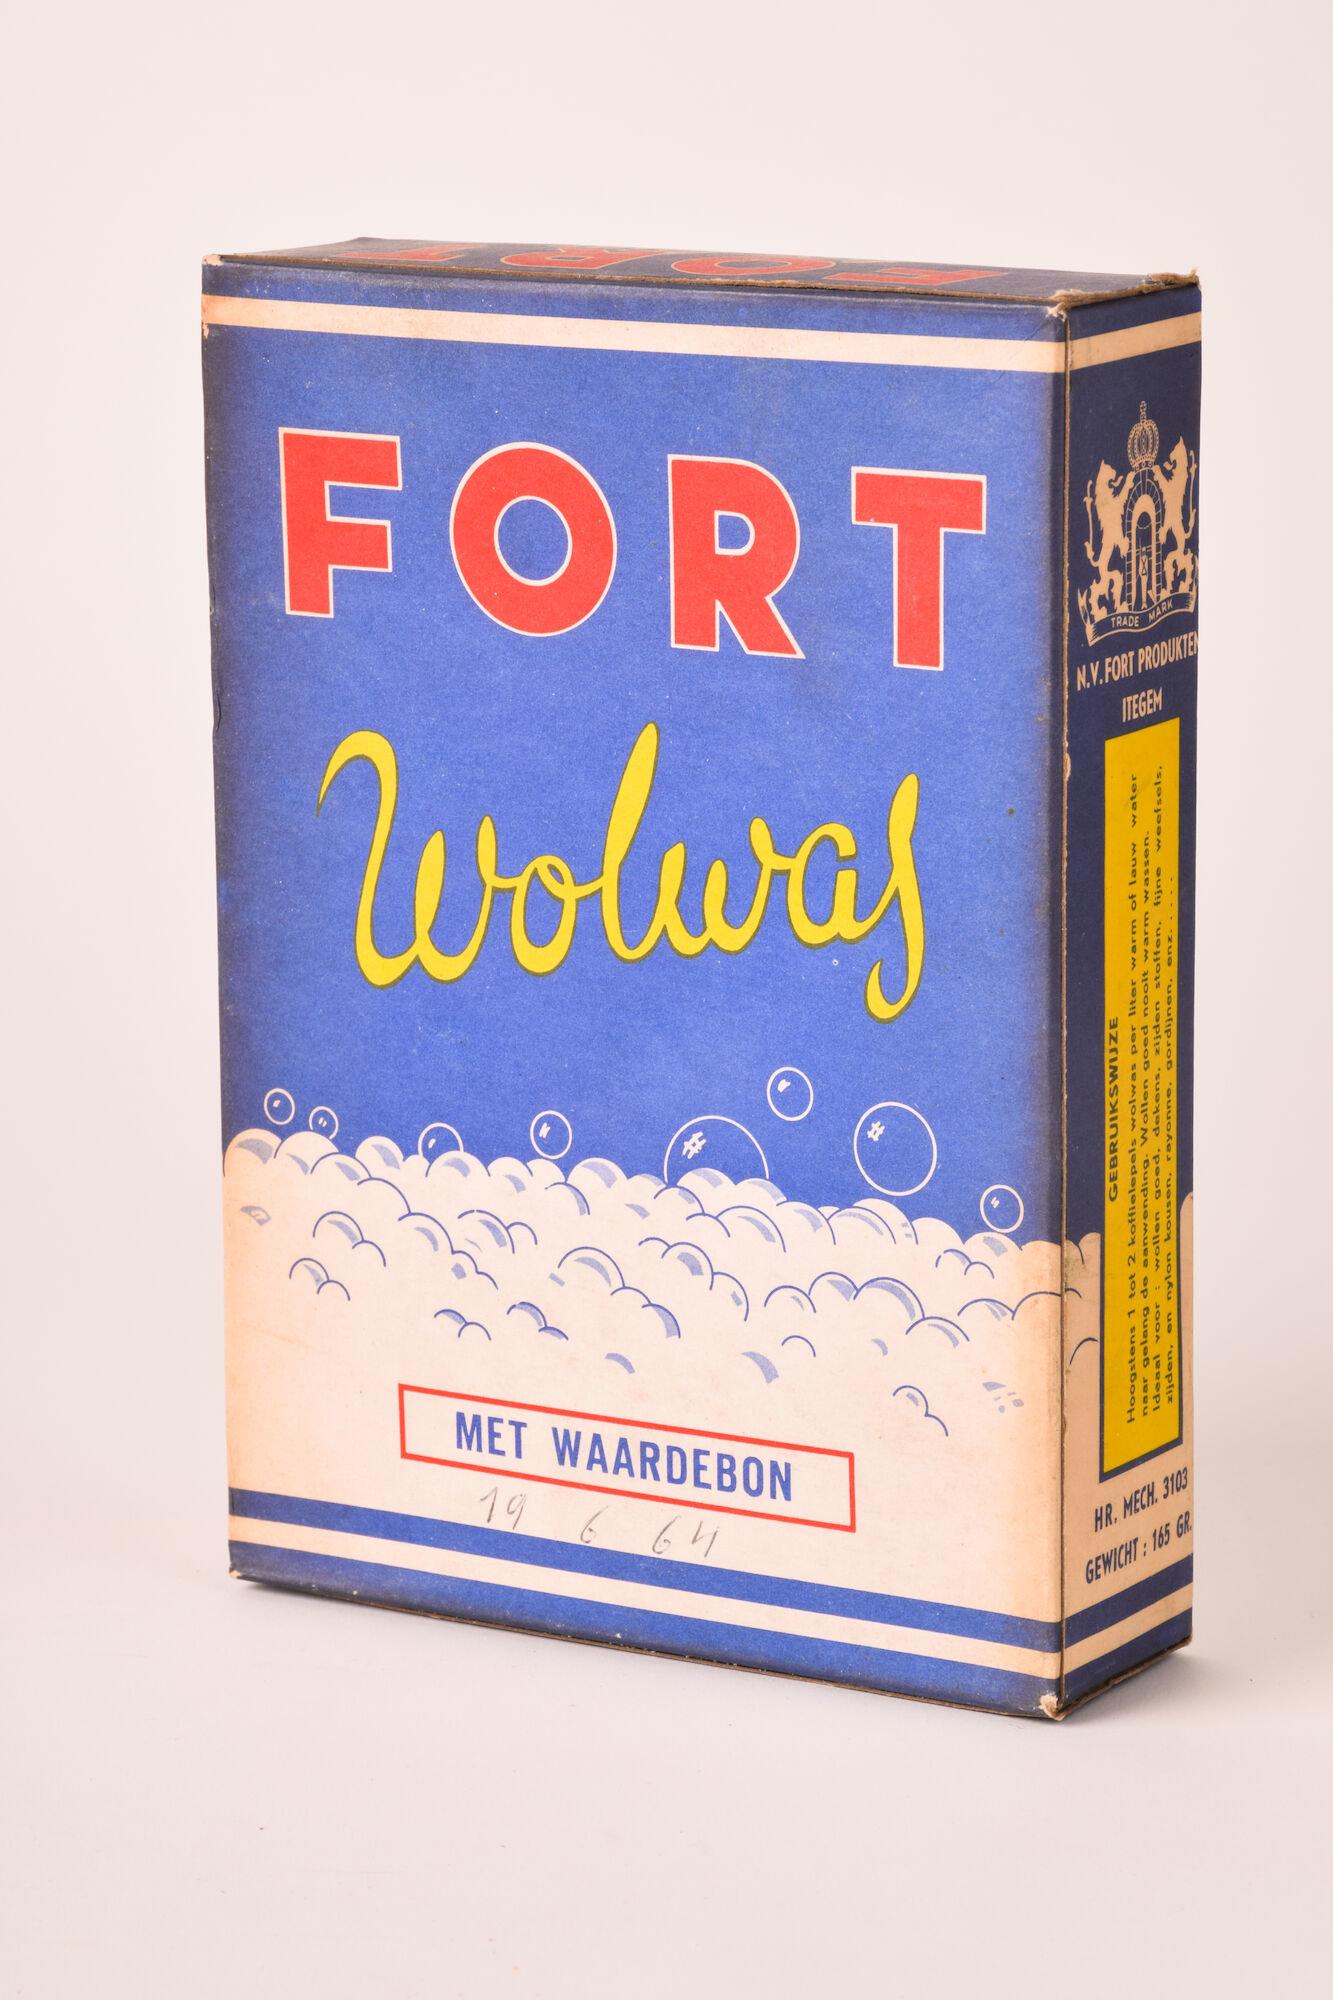 Doos waspoeder van het merk Fort